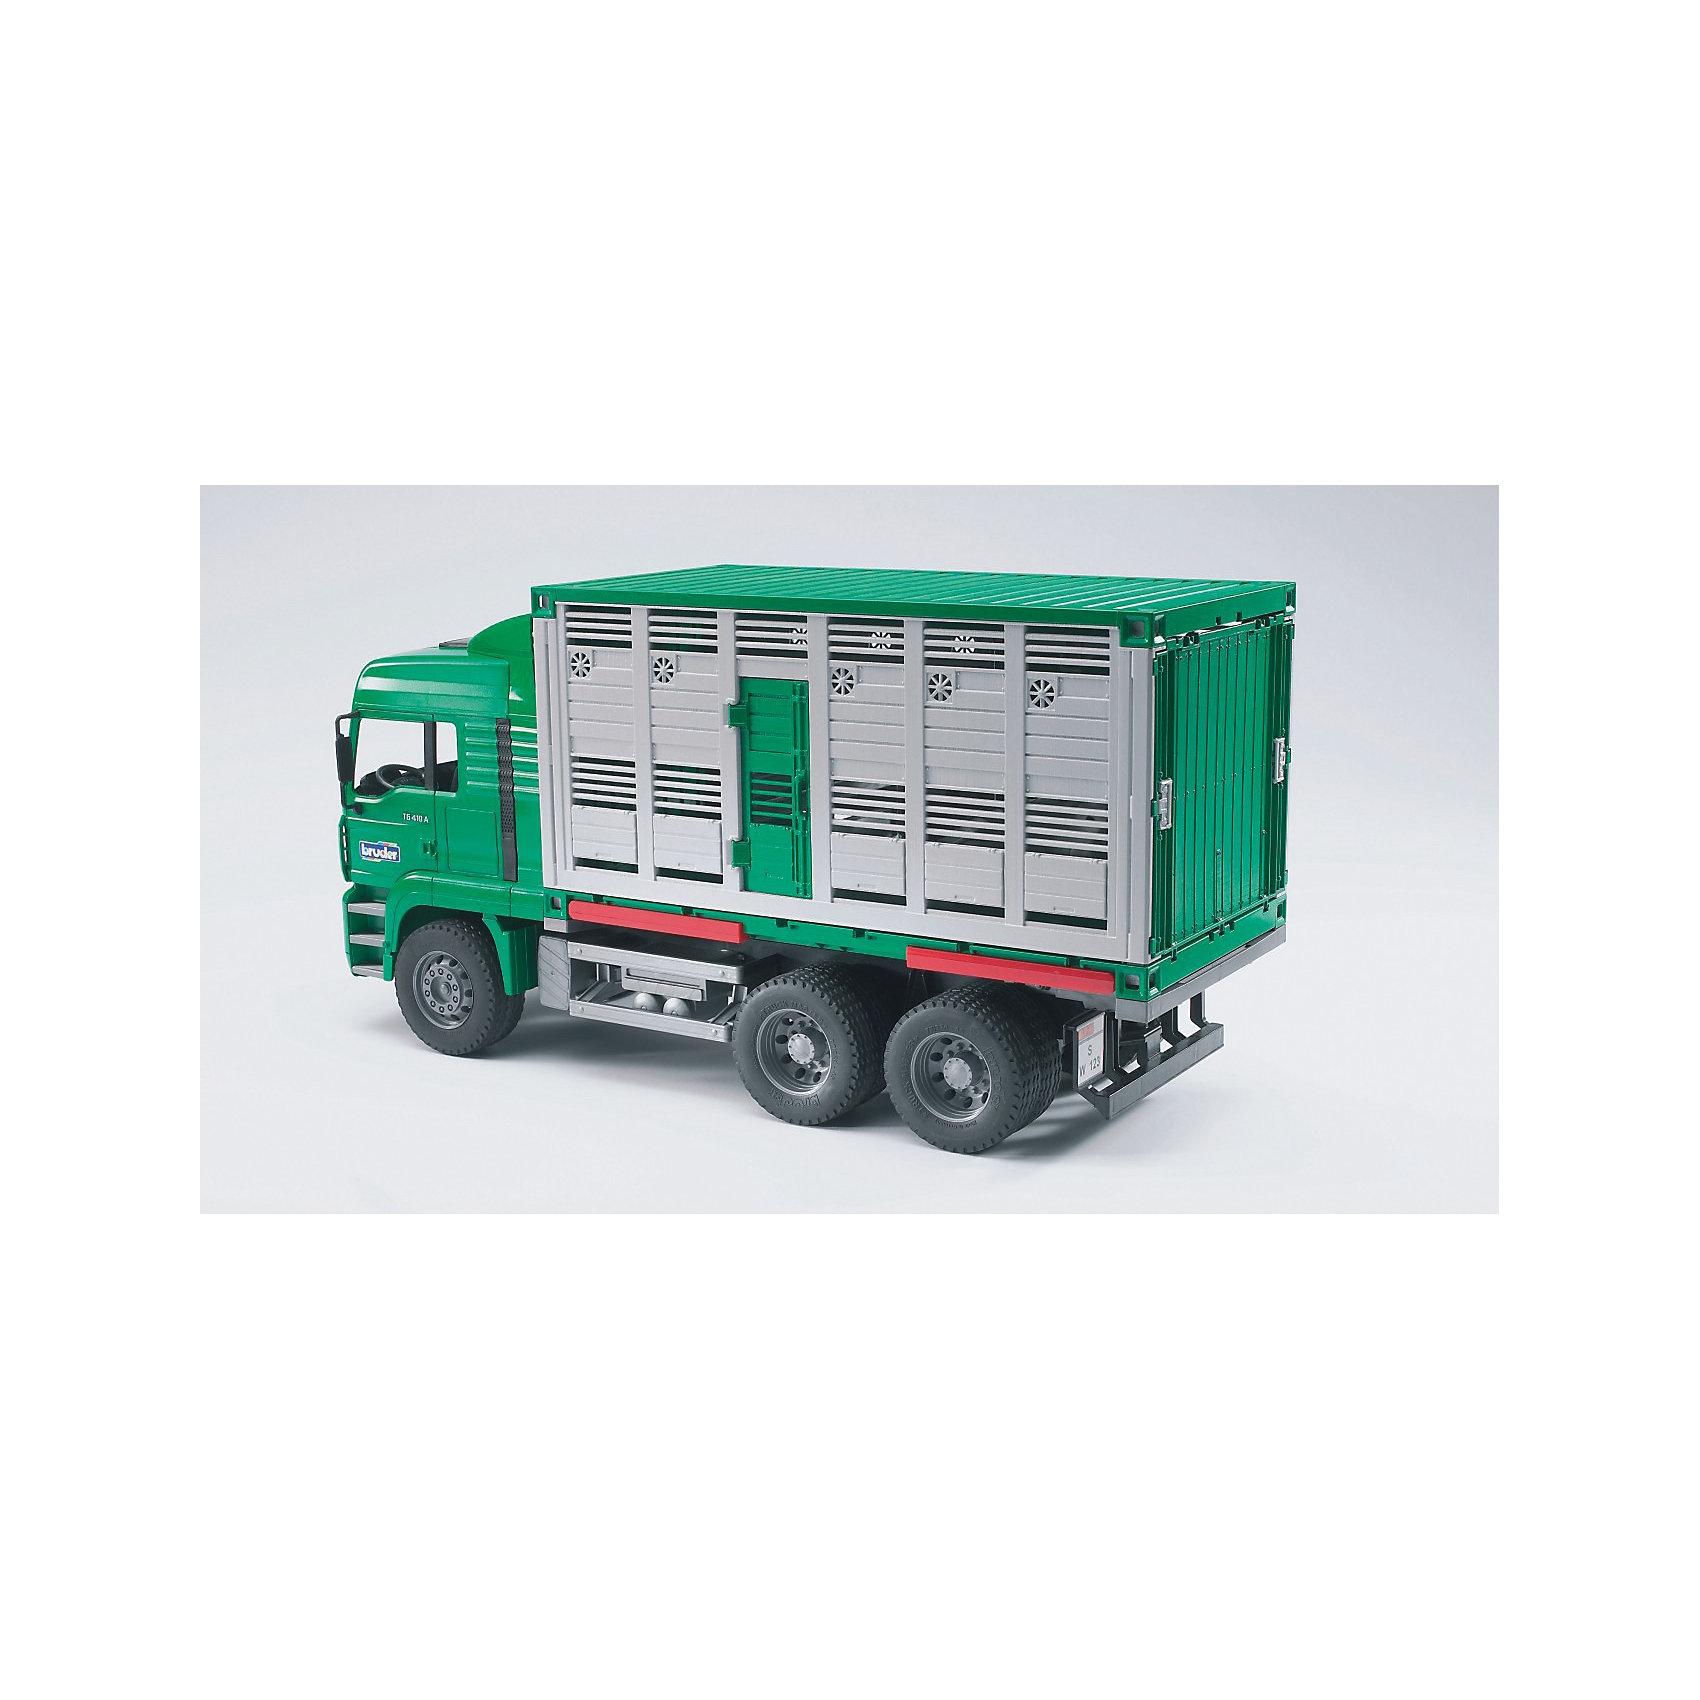 Bruder Грузовик MAN для перевозки животных с коровой и загрузочной платформойМашинки<br>Долгожданная новинка для любителей игрушек BRUDER (Брудер): современный грузовик для перевозки животных.<br>Компания BRUDER разработала грузовик с тремя осями на основе автомобиля MAN и этим еще раз доказала высокую игровую ценность своих товаров. <br>В грузовике есть все, что сегодня требуется для грузовика такого вида: возможность безопасной загрузки/выгрузки животных благодаря откидной рампе с удлинением, складным ограждением, складными перегородками внутри грузовика, чтобы размещать животных разных видов/пород, подвесные поилки и т.п. Для расширения игровых возможности с грузовиком можно использовать дополнительные аксессуары категорий H и M.<br><br><br>Дополнительная информация:<br>+ кабина водителя наклоняется, что позволяет увидеть двигатель <br>+ боковые зеркала на кабине водителя раскладываются <br>+ кузов разбирается на более мелкие детали <br>+ кузова сочетаются друг с другом благодаря новой системе соединения деталей  <br>+ кузов можно установить на откидные опоры   <br>+ откидная рампа с удлинением<br>+ складные боковые ограждения на рампе <br>+ 2 открывающиеся двери <br>+ складные разделительные перегородки внутри грузовика <br>+ 2 подвесных поилки на боковых стенках <br>+ 1 корова (входит в комплект)<br>+ произведен из высококачественных пластиков, например, АБС<br>+ масштаб 1:16<br>+ размеры: длина 52см x ширина 19см x высота 27см<br>+ сочетается с аксессуарами категорий H, M<br><br>Ширина мм: 589<br>Глубина мм: 284<br>Высота мм: 200<br>Вес г: 2622<br>Возраст от месяцев: 36<br>Возраст до месяцев: 96<br>Пол: Мужской<br>Возраст: Детский<br>SKU: 1471077